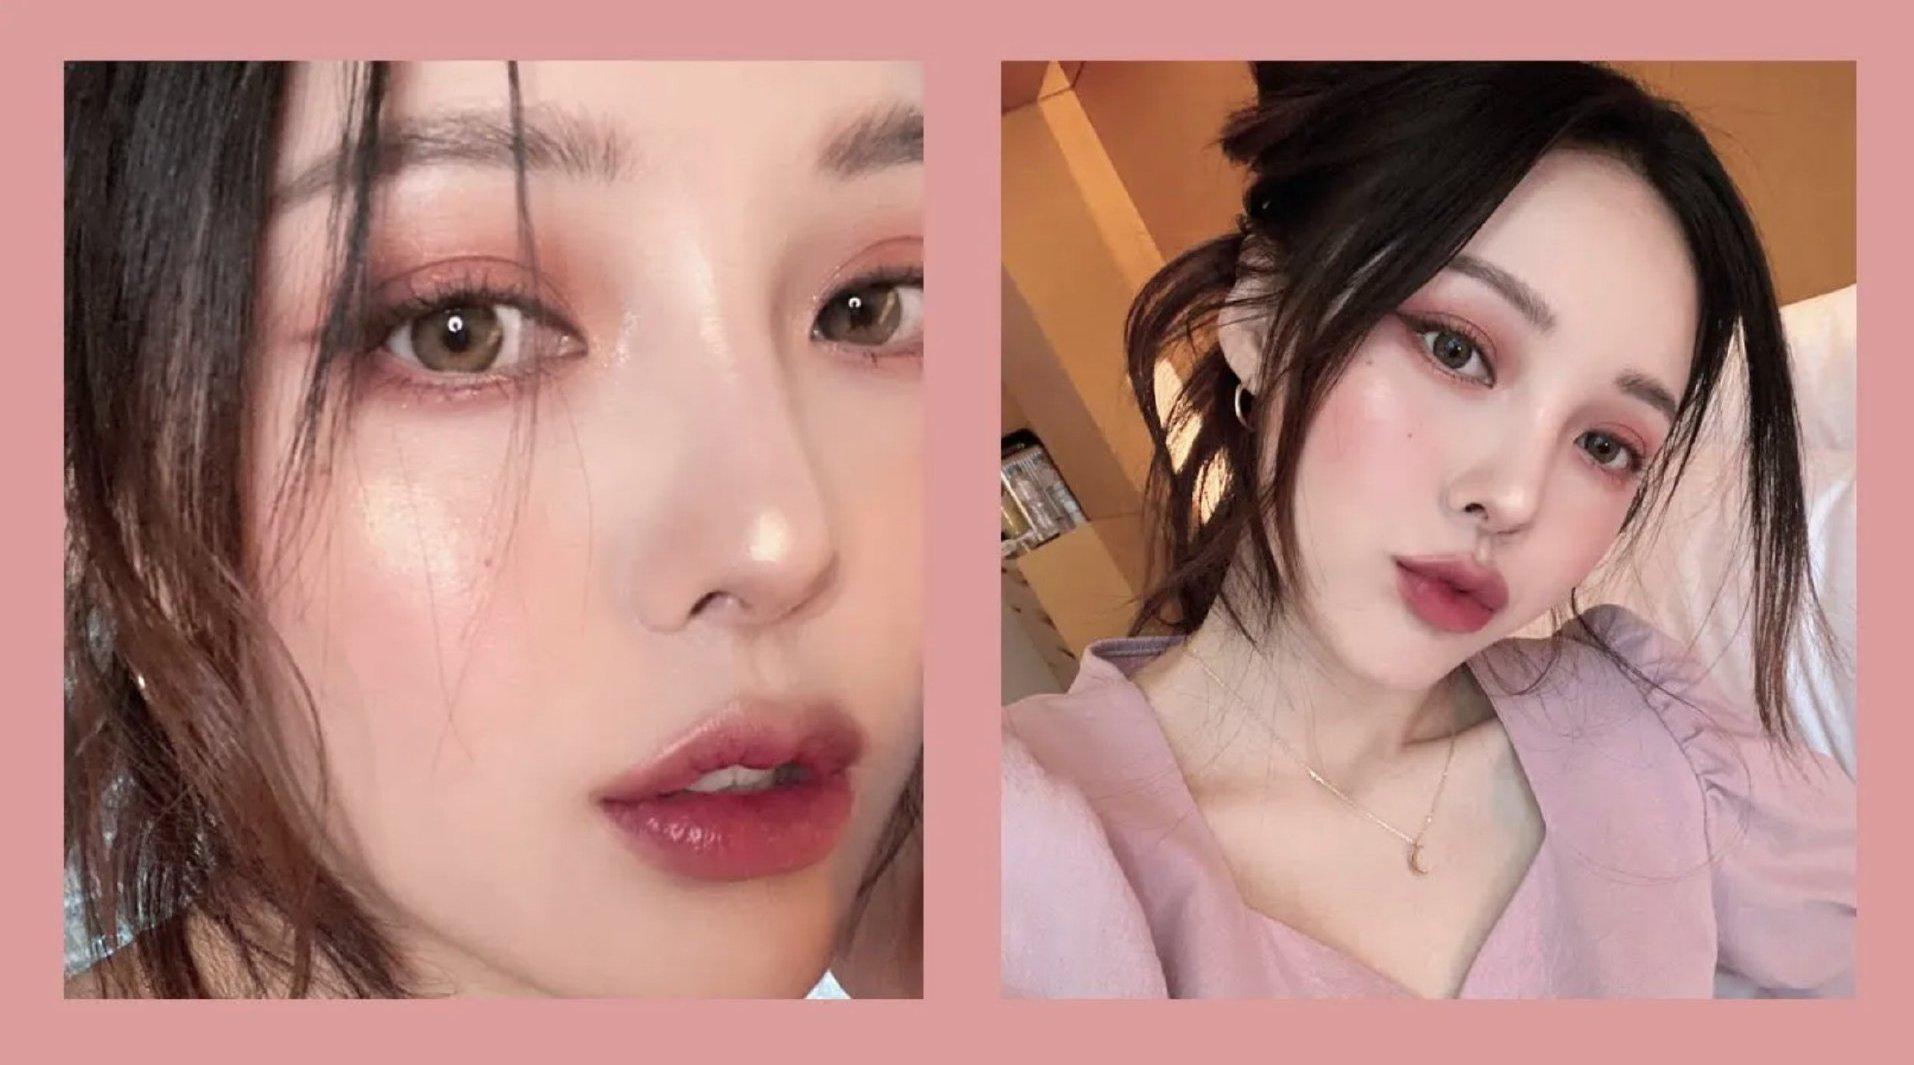 「PONY的珊瑚红粉新妆容 」 CR.PONY Syndrome